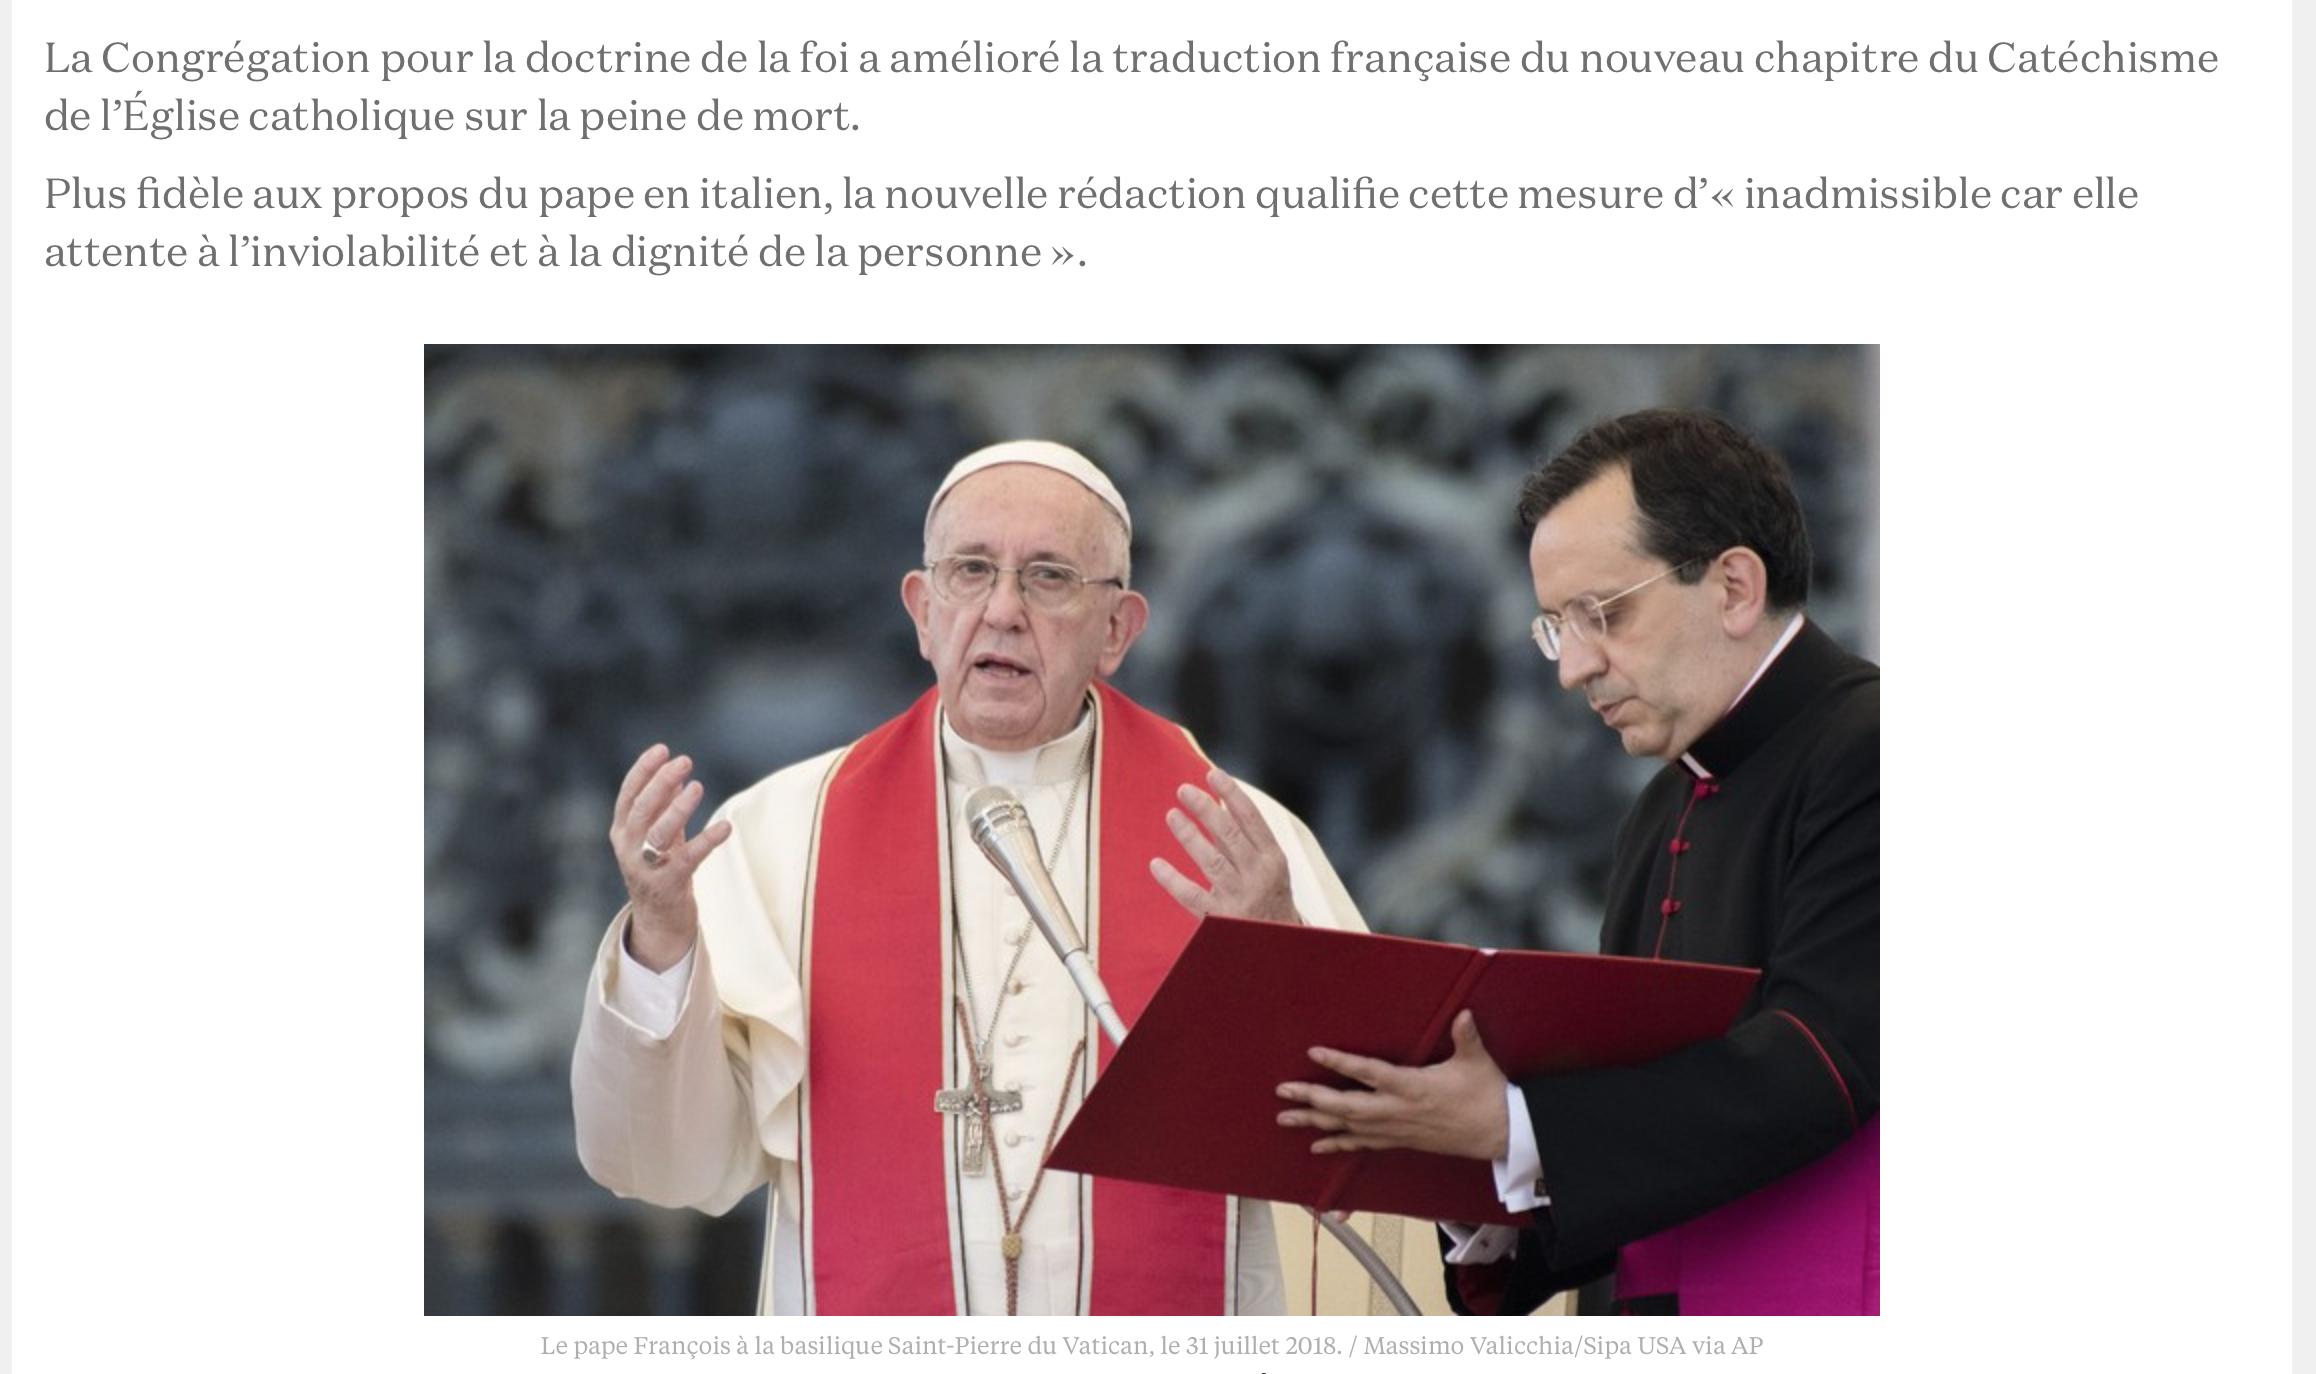 Le pape, en interdisant la peine de mort, trahit les enseignements du Christ